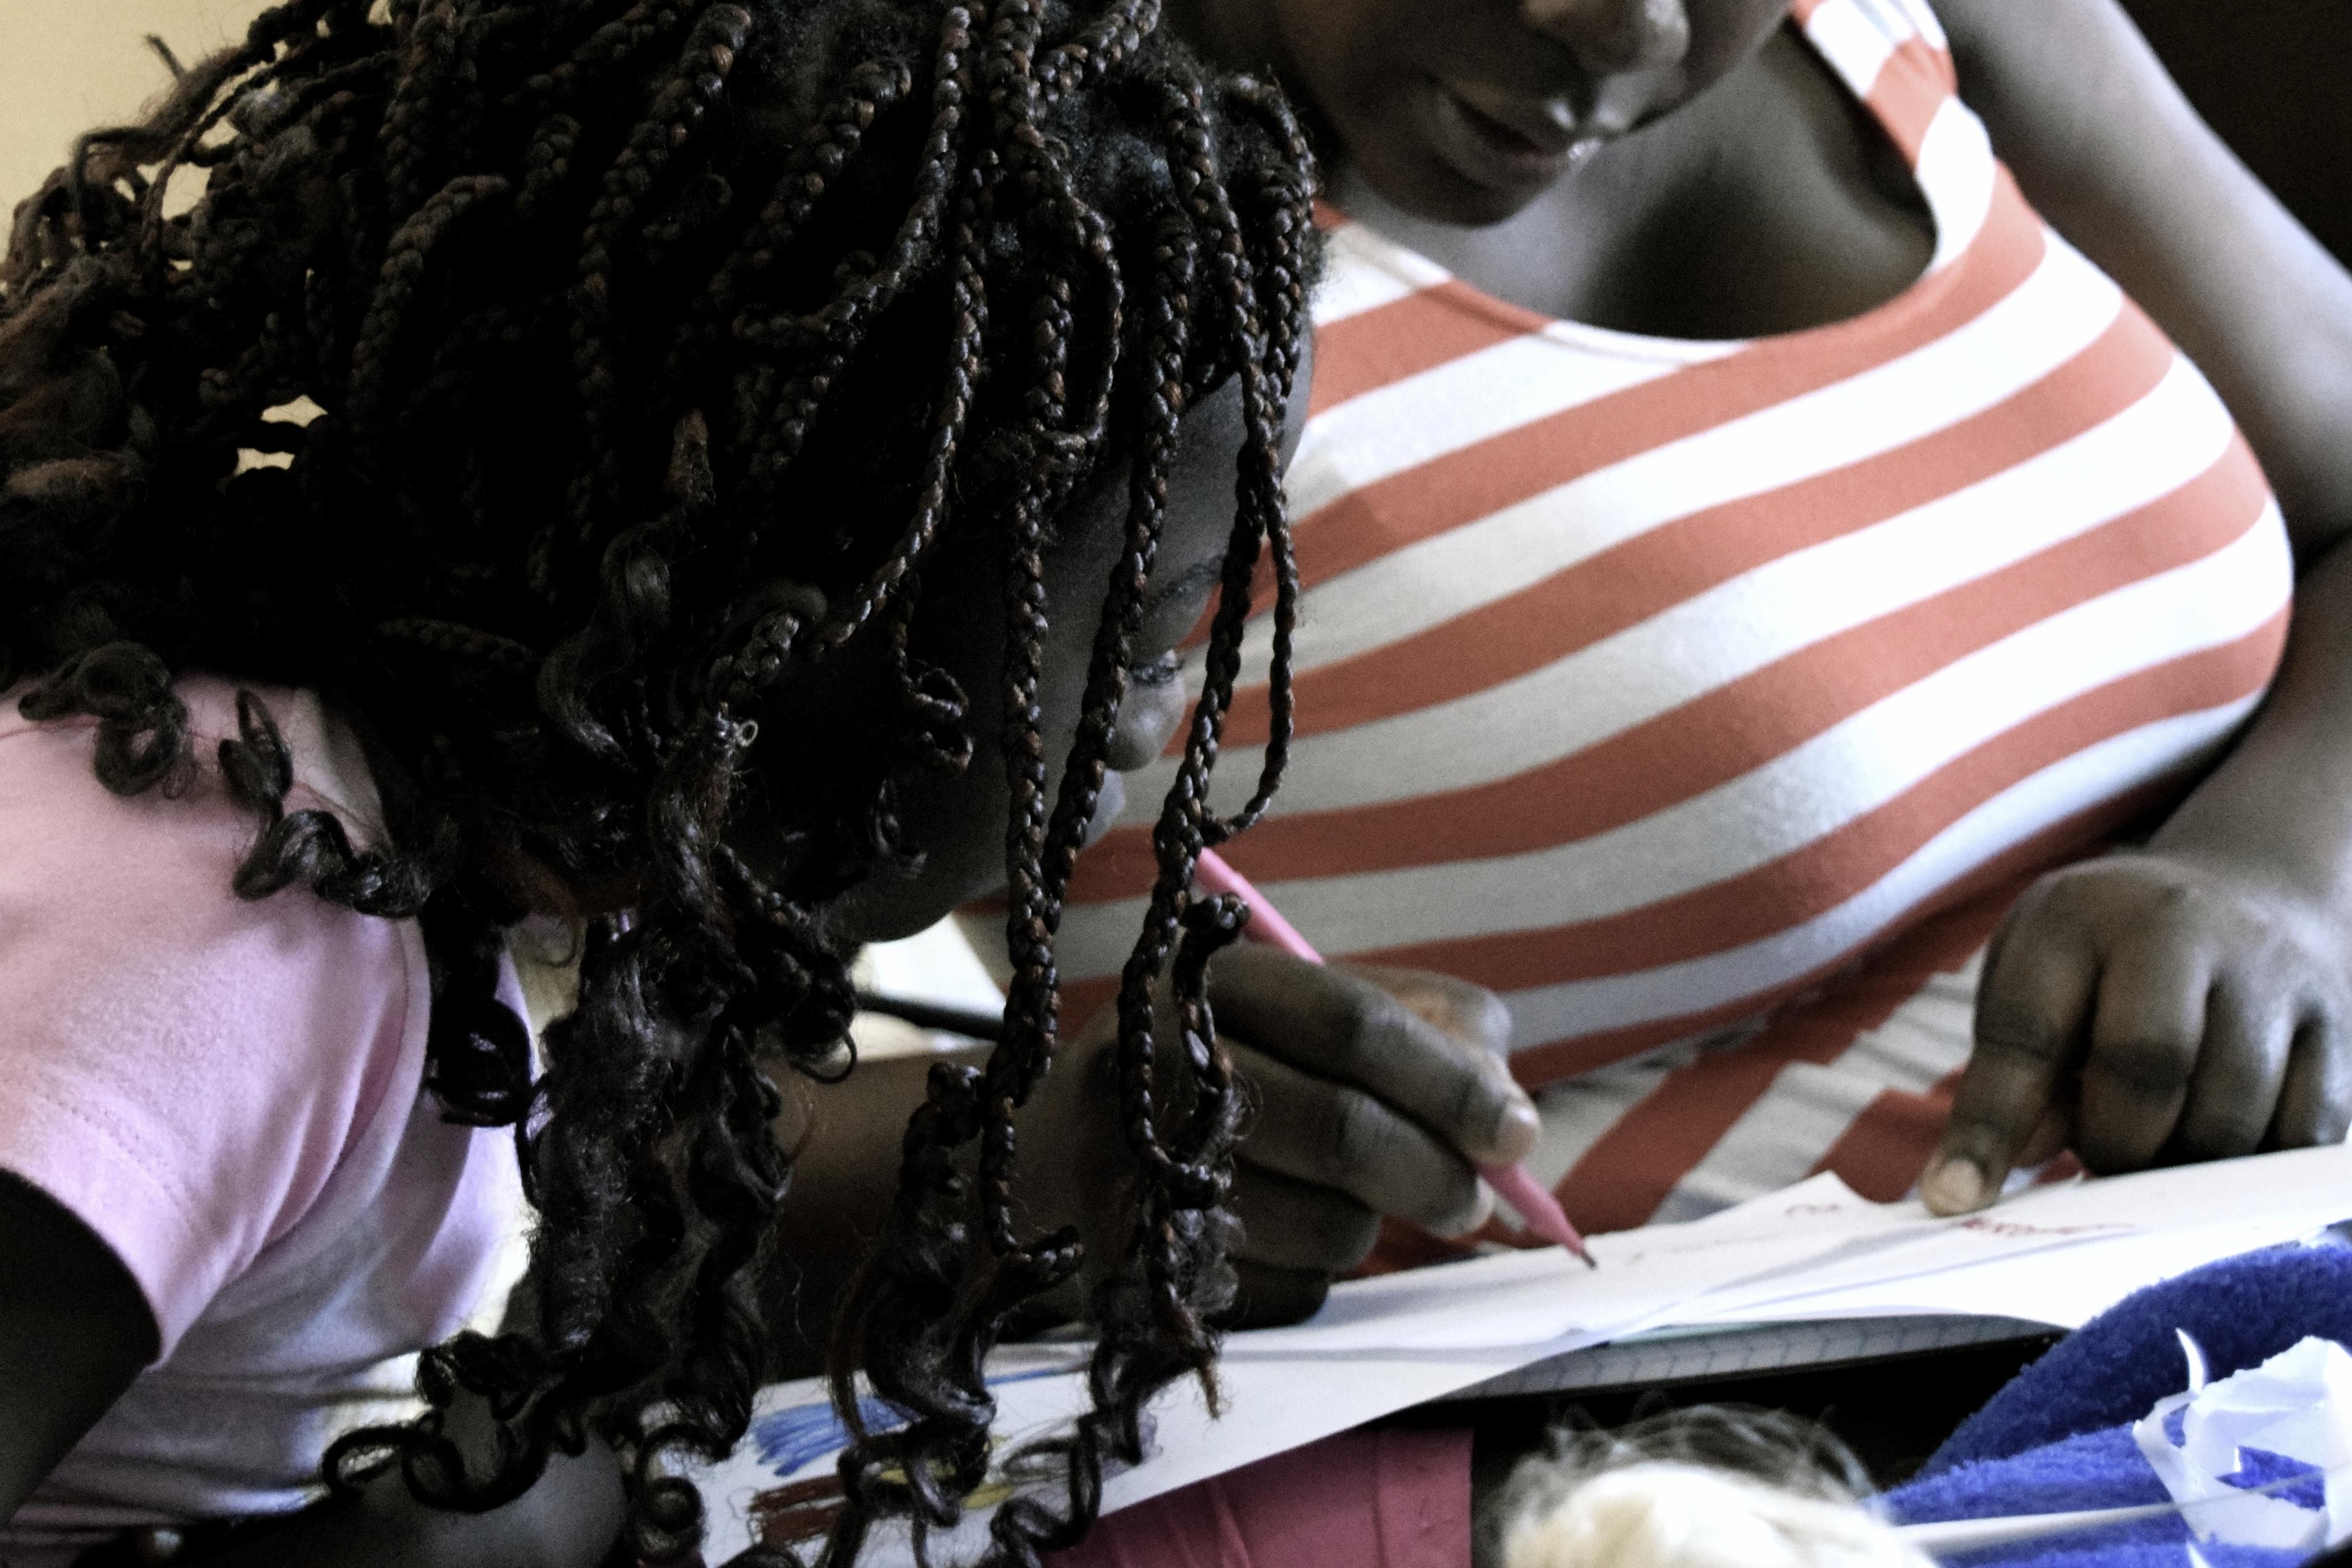 Eureka - Refugiada Congolesa